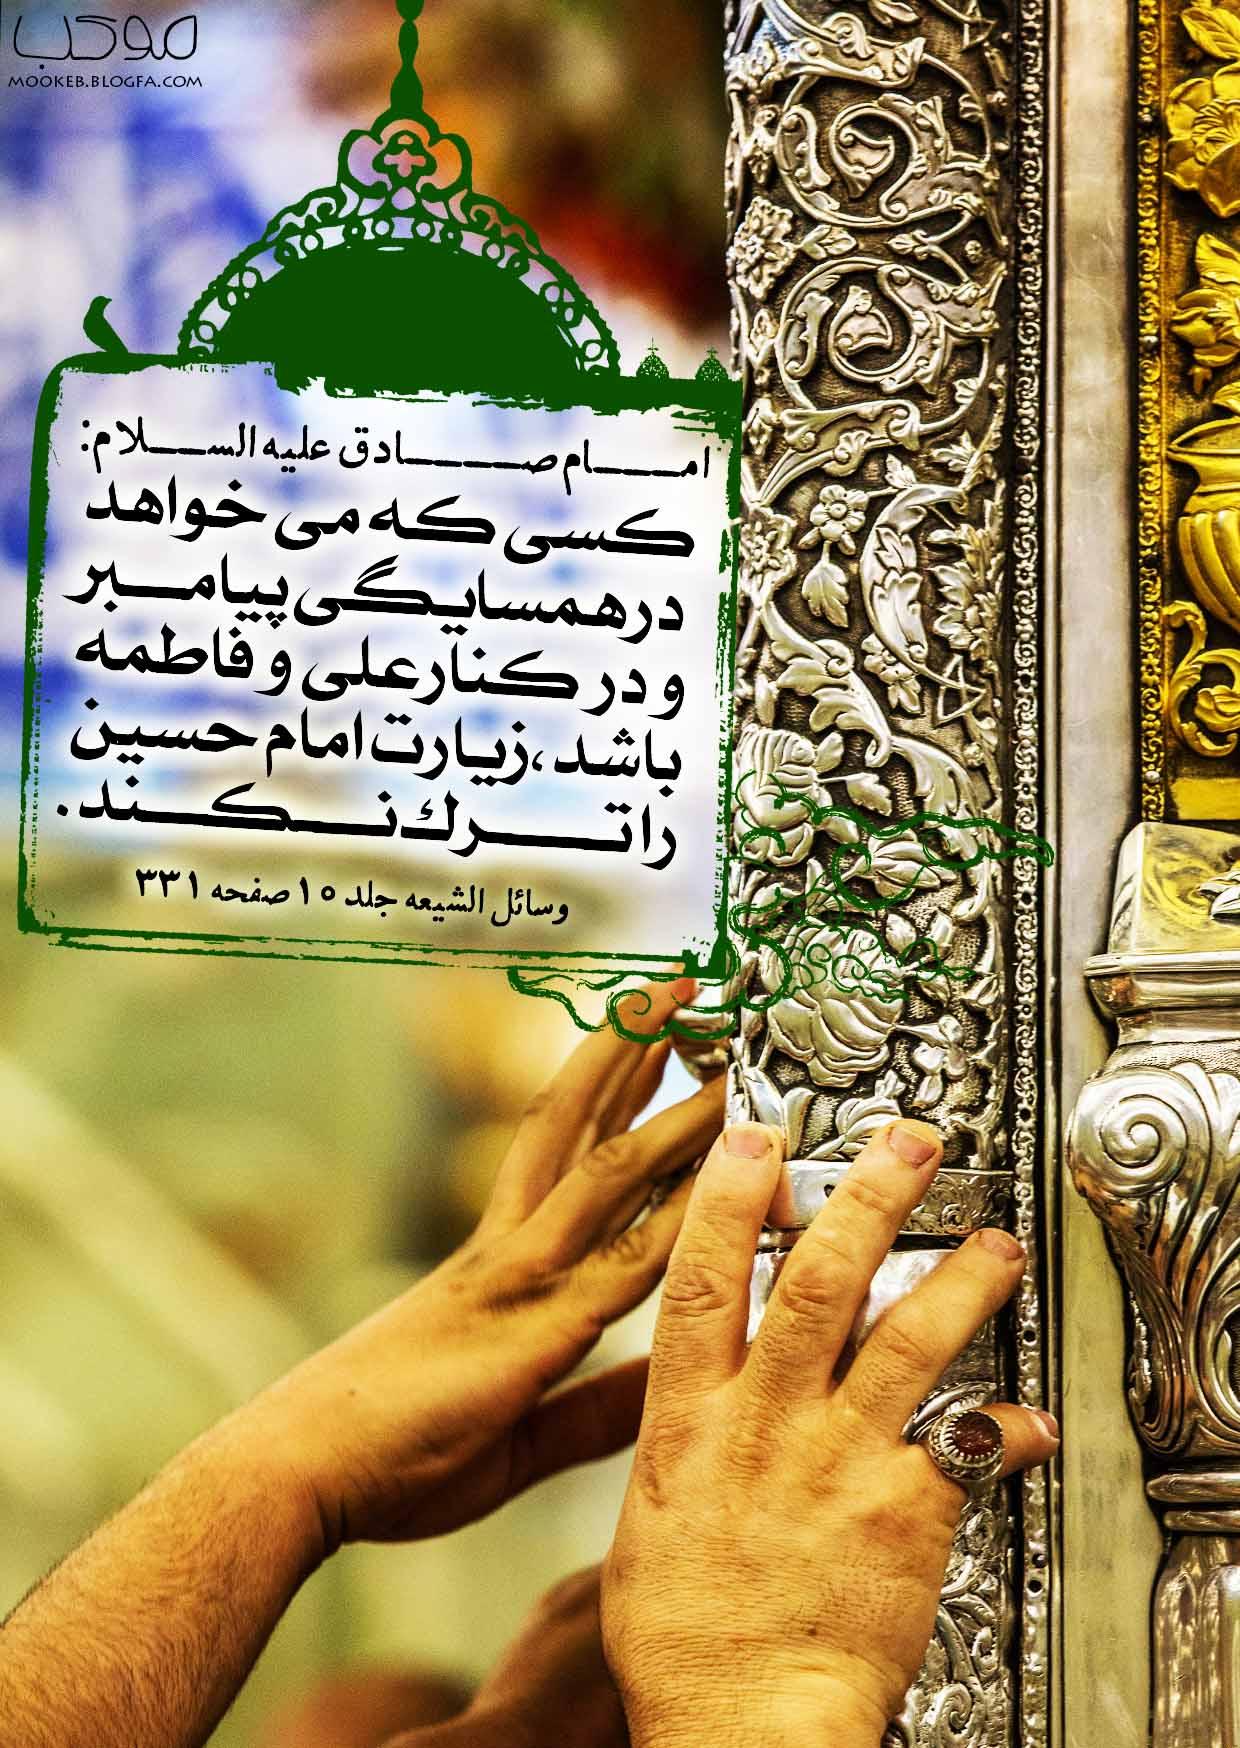 داستان زوار امام رضا(ع) و امام حسین (ع)